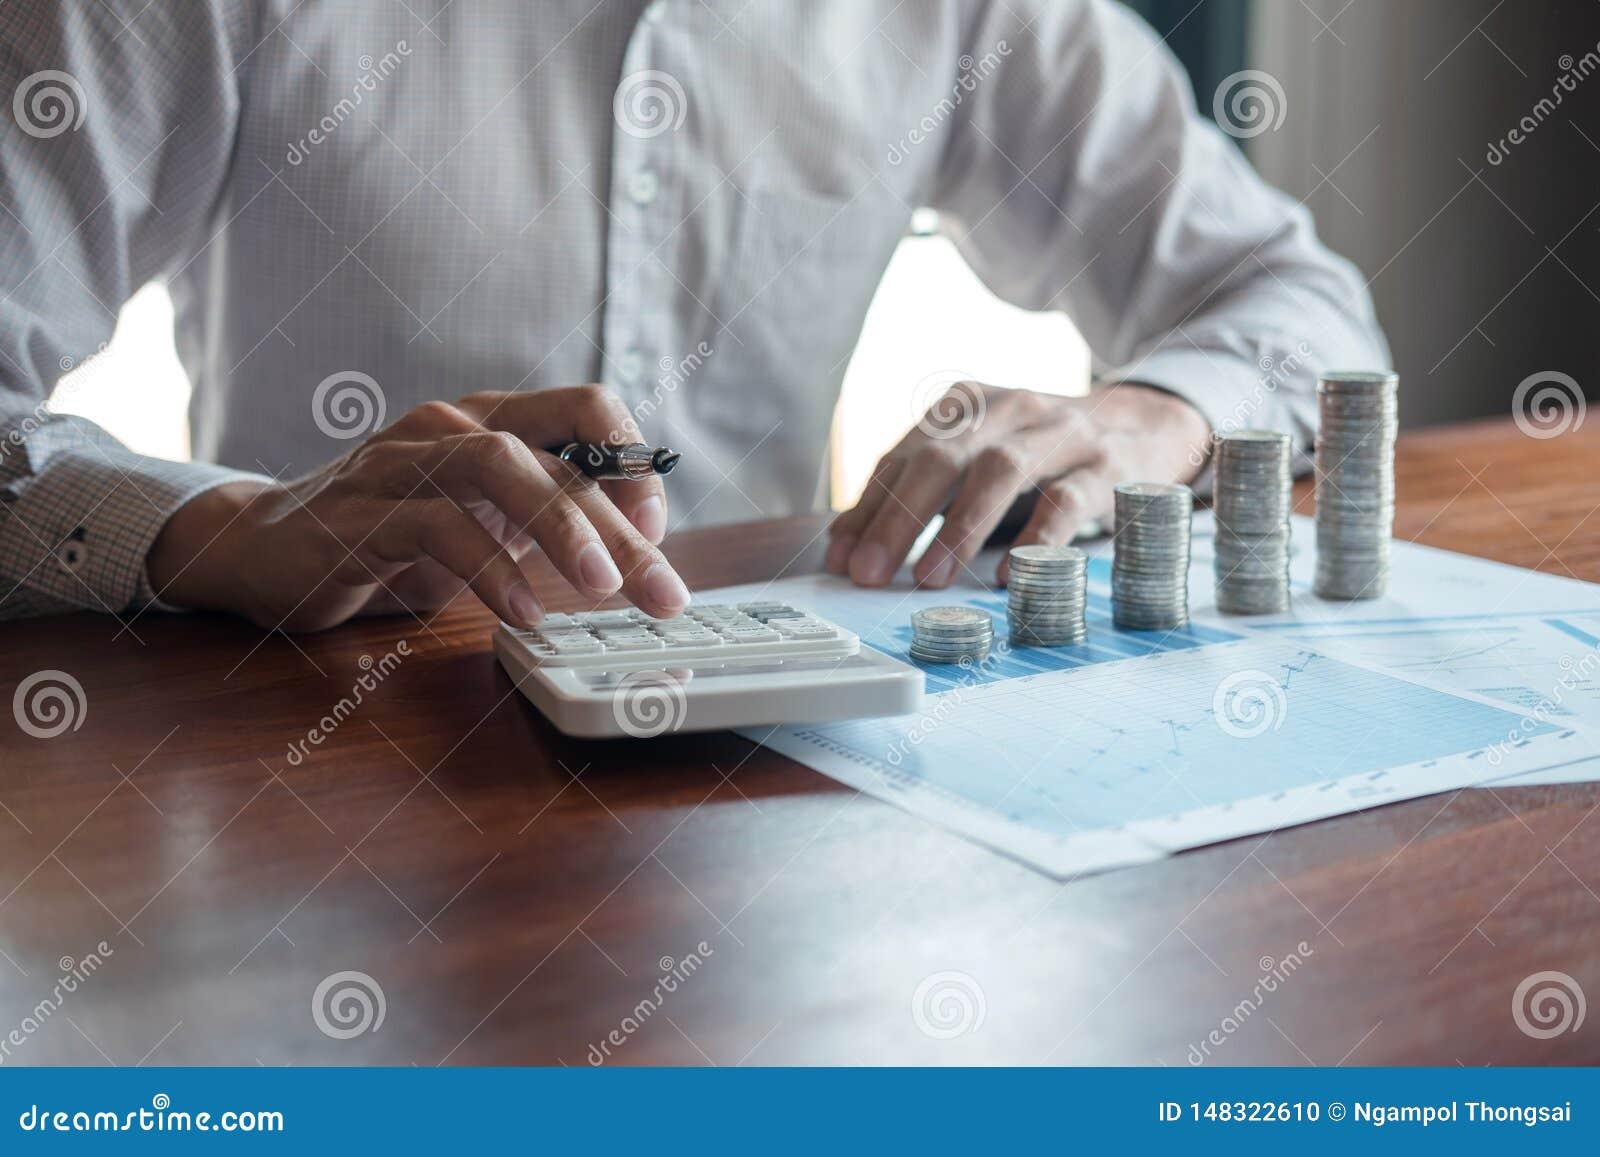 Τα μετρώντας χρήματα λογιστών επιχειρηματιών και η παραγωγή των σημειώσεων στην έκθεση που κάνει τους πόρους χρηματοδότησης και υ